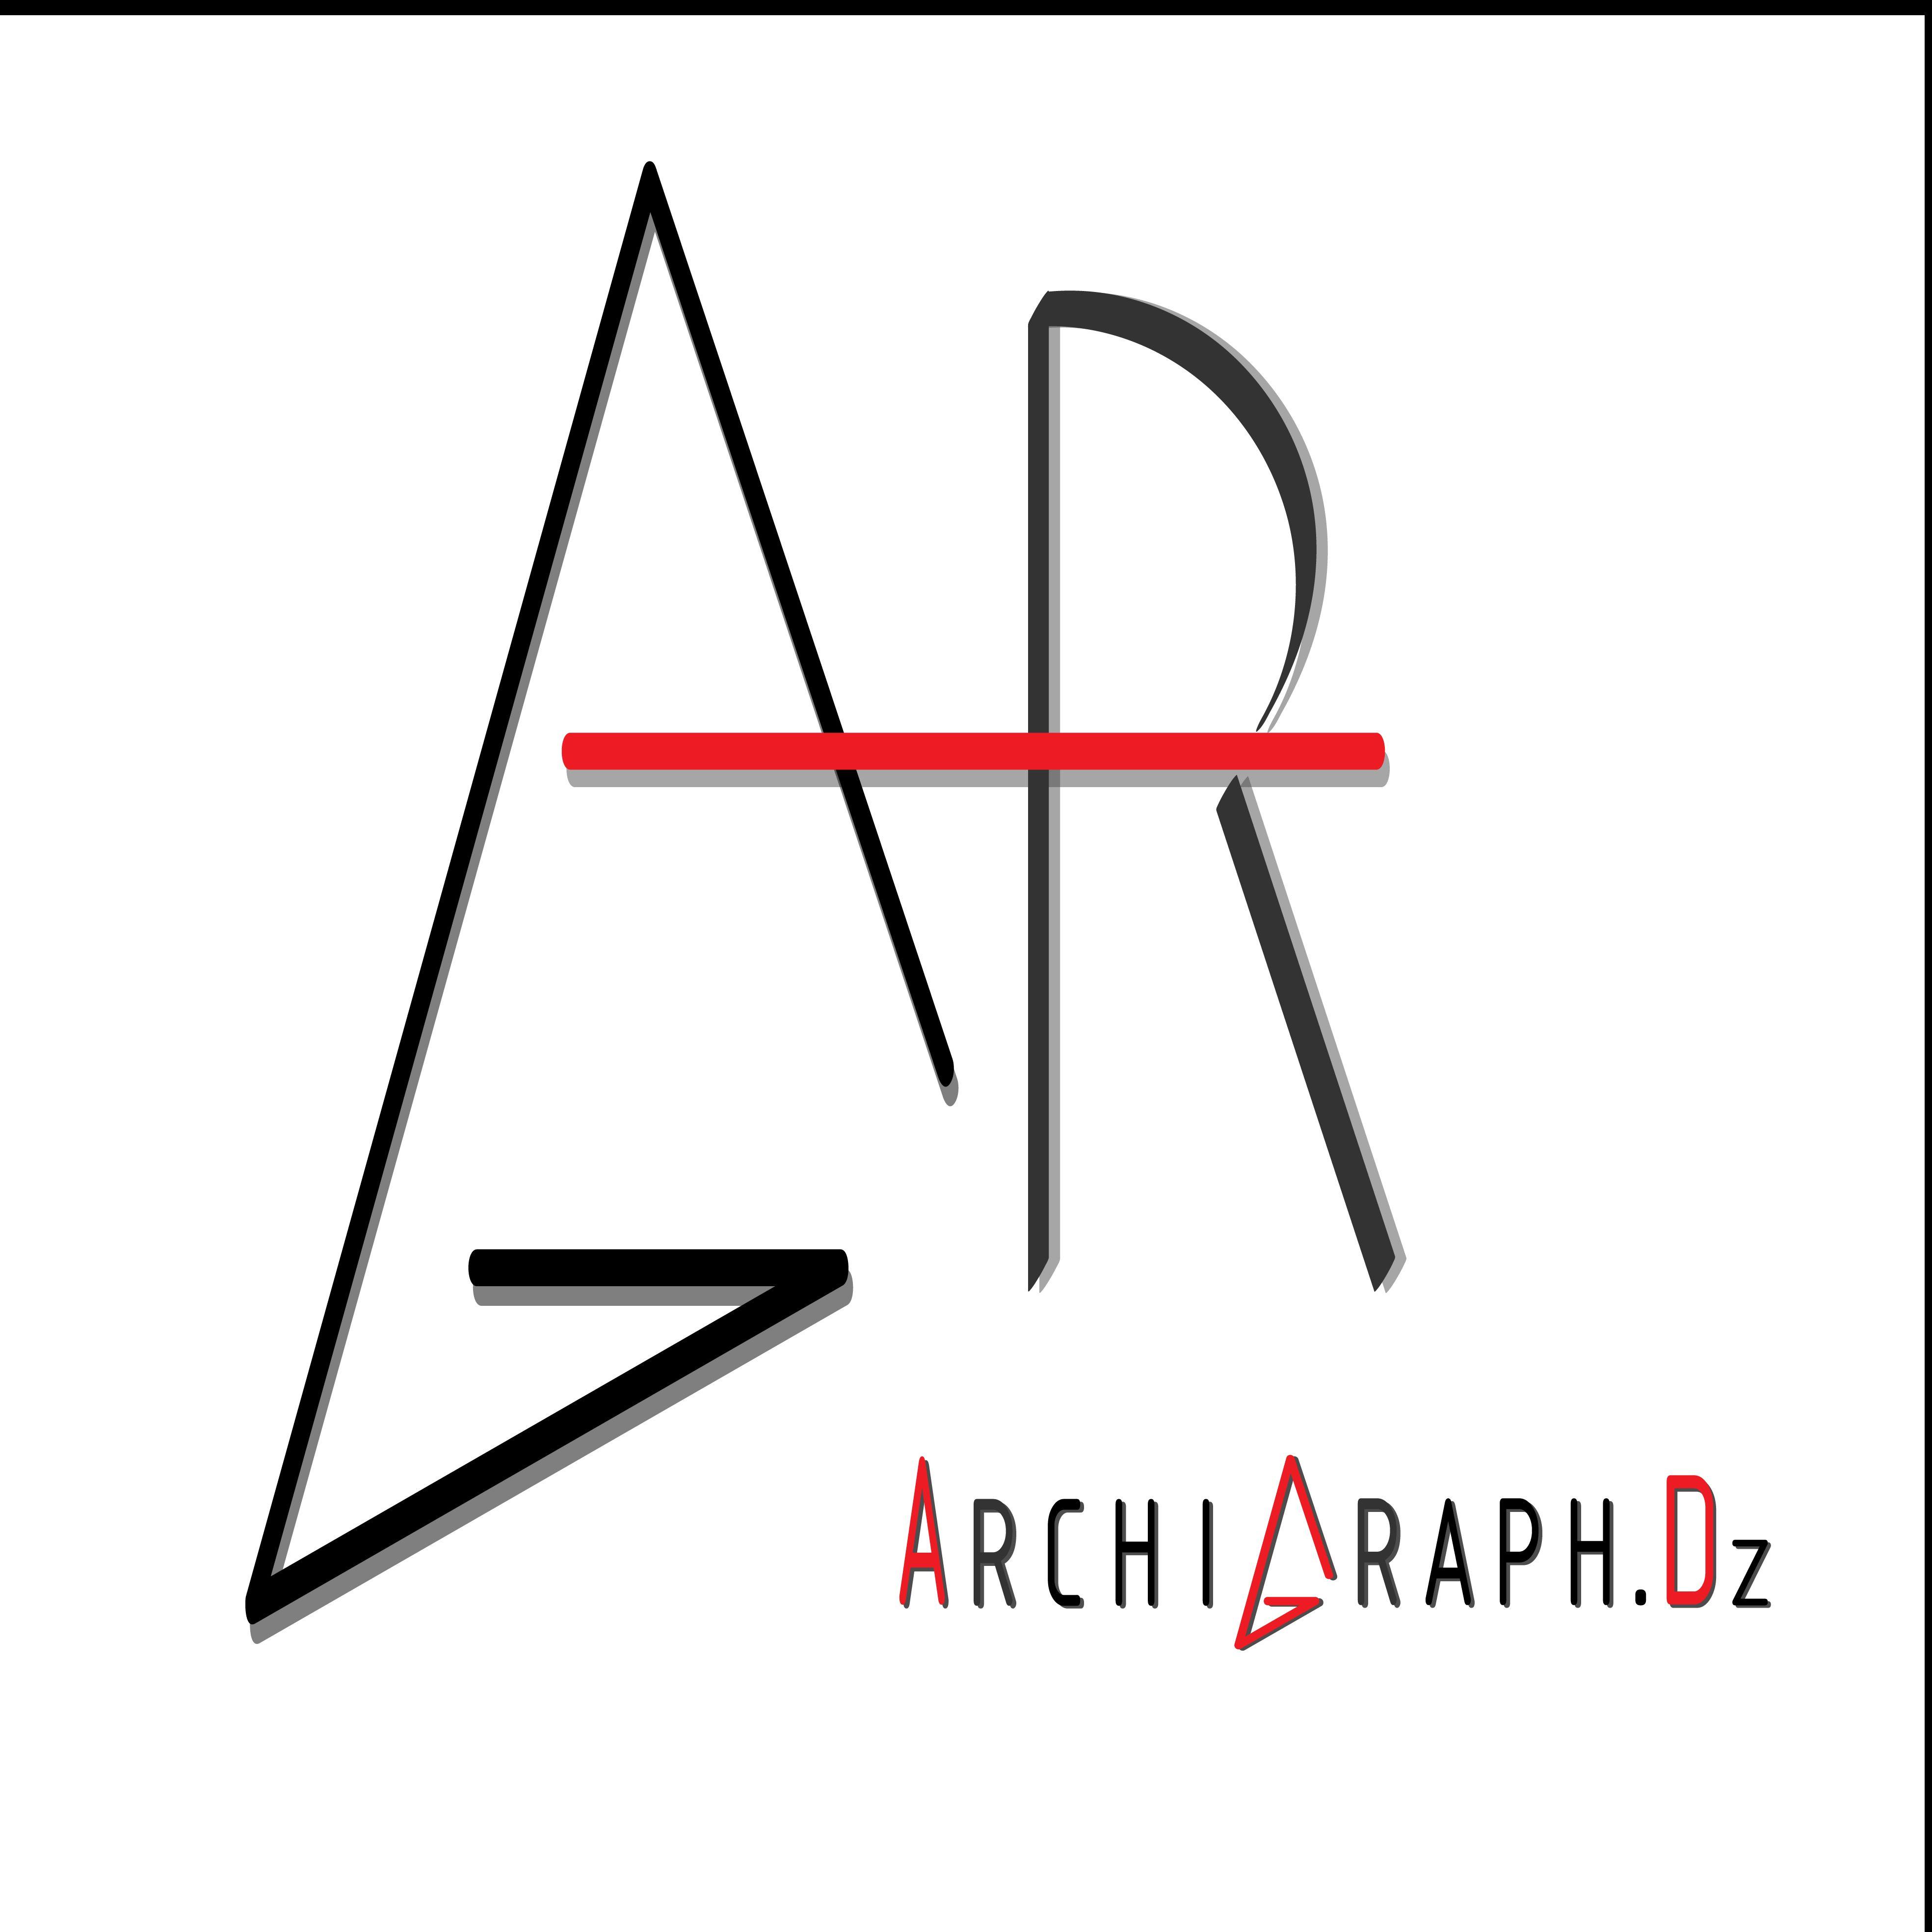 je vais cr u00e9er pour vous un logo adapt u00e9  u00e0 votre entreprise